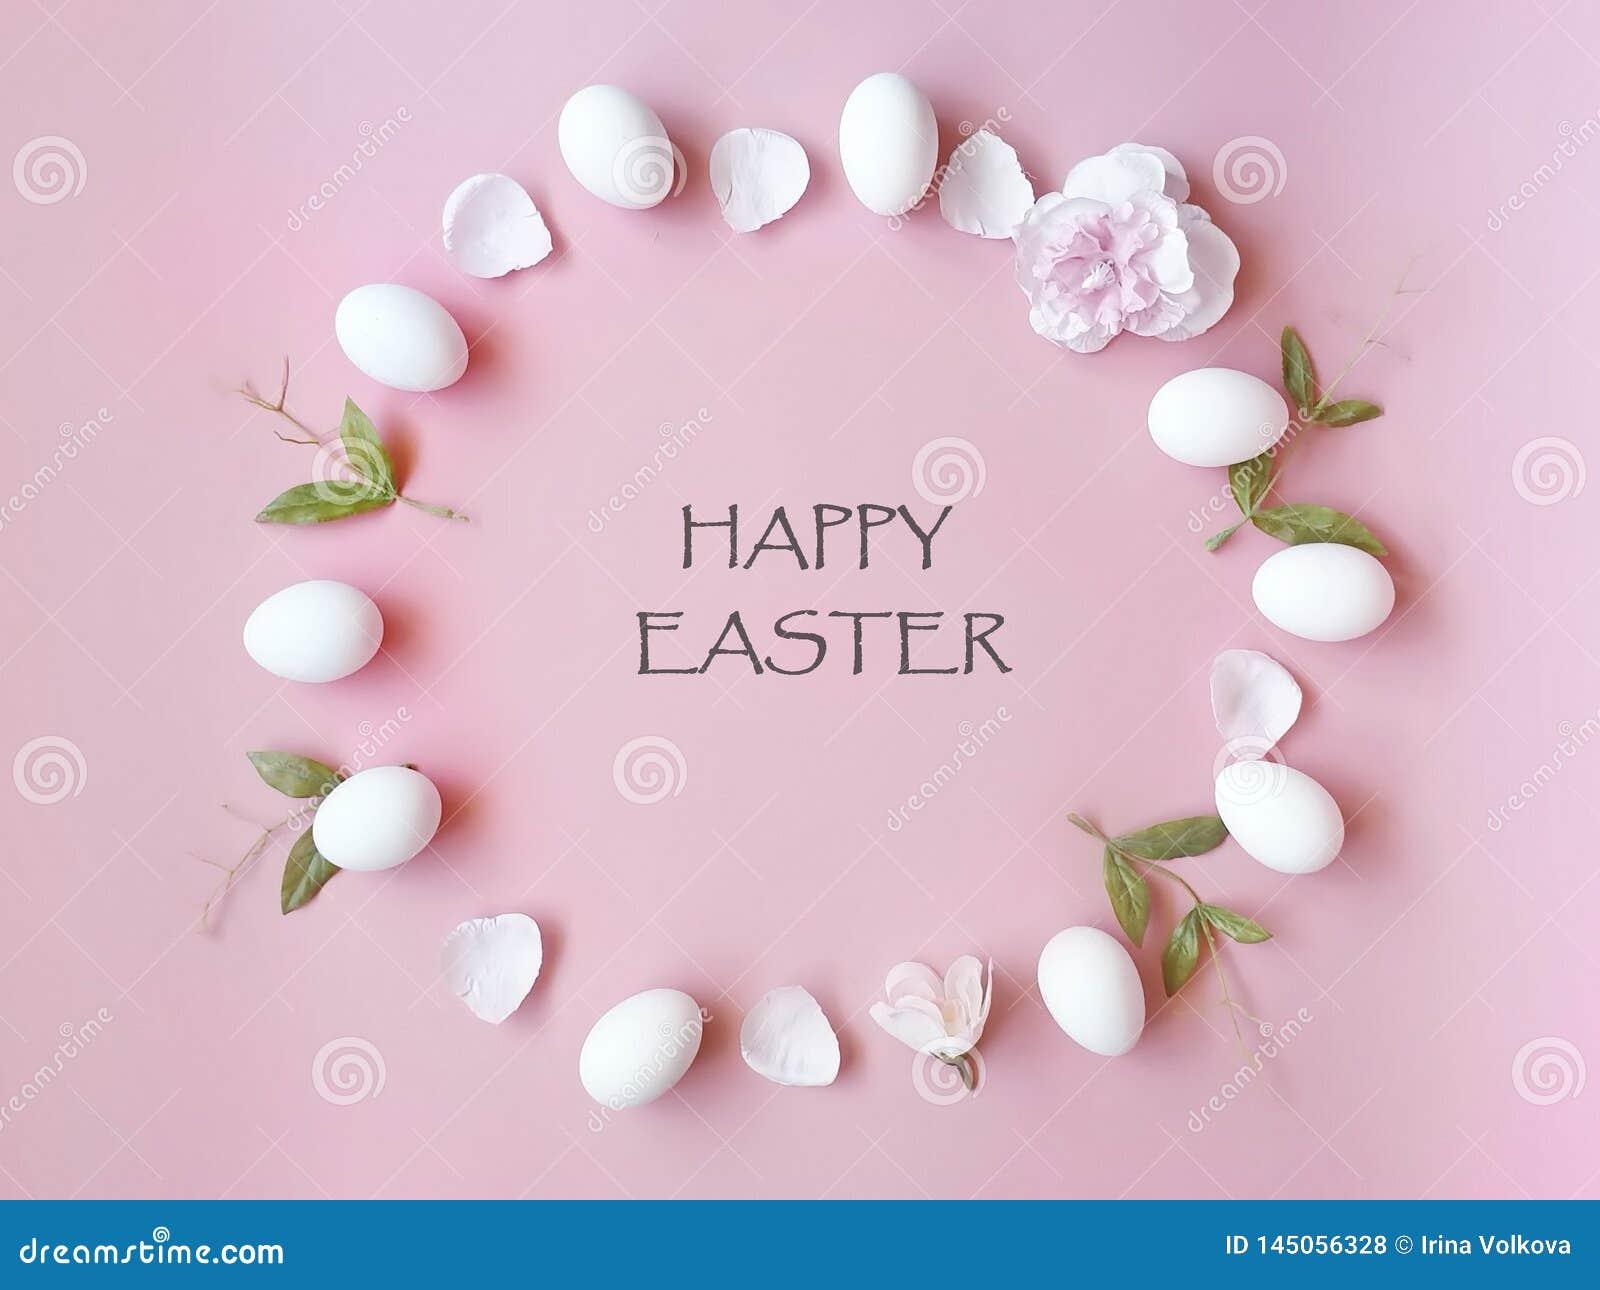 Glückliche Easter Eggs entspringen Feiertag mit dem Frühlingsblumenblumenblatt und gelber Kopienraum auf rosa Hintergrundkonzep